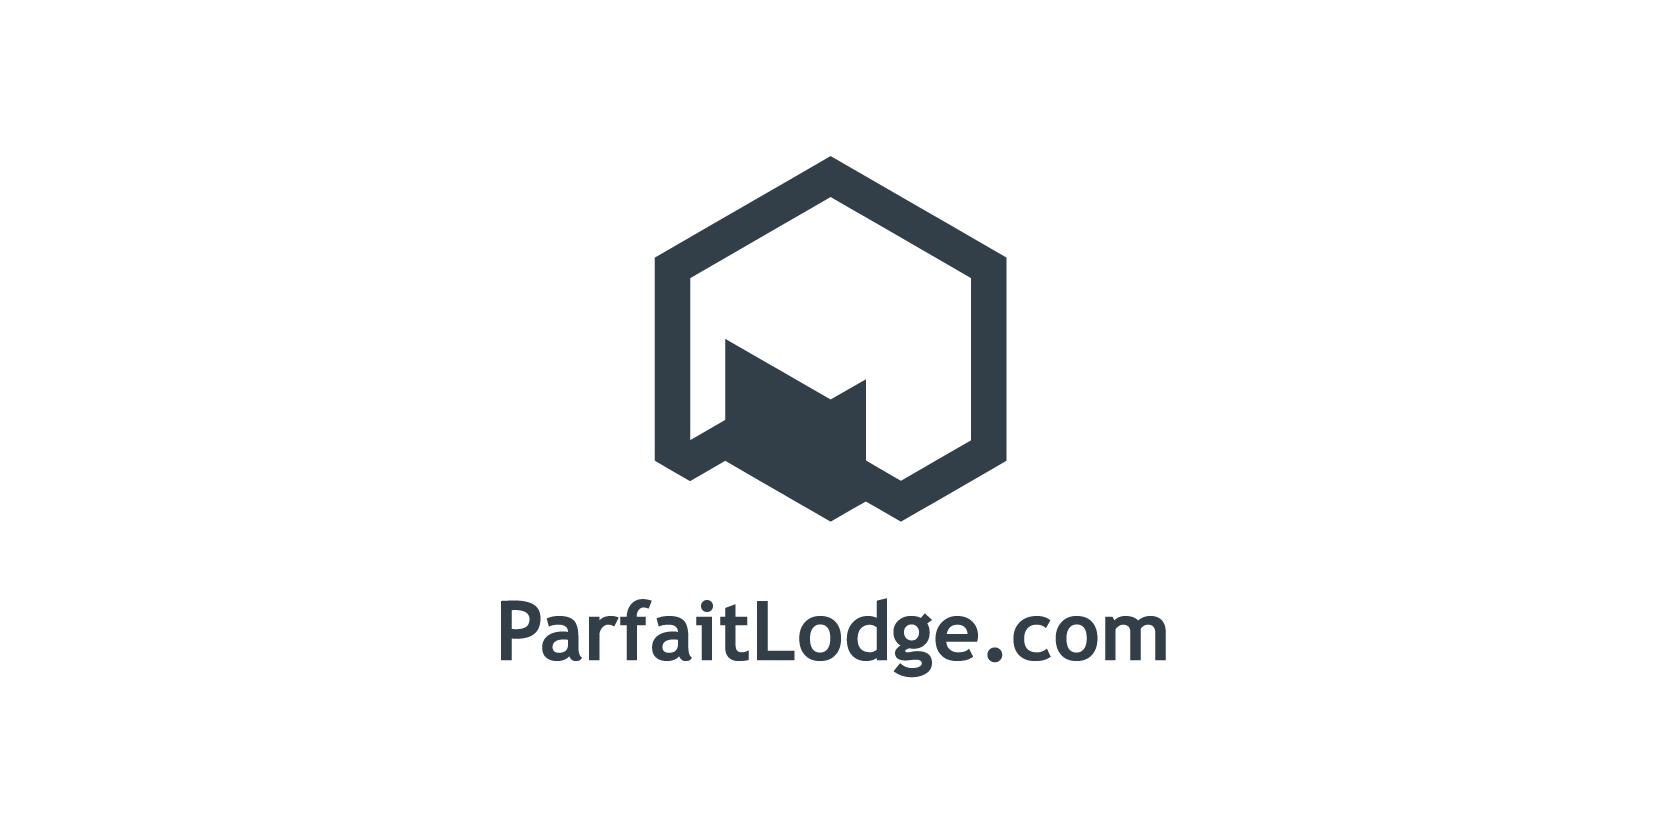 ParfaitLodge-01